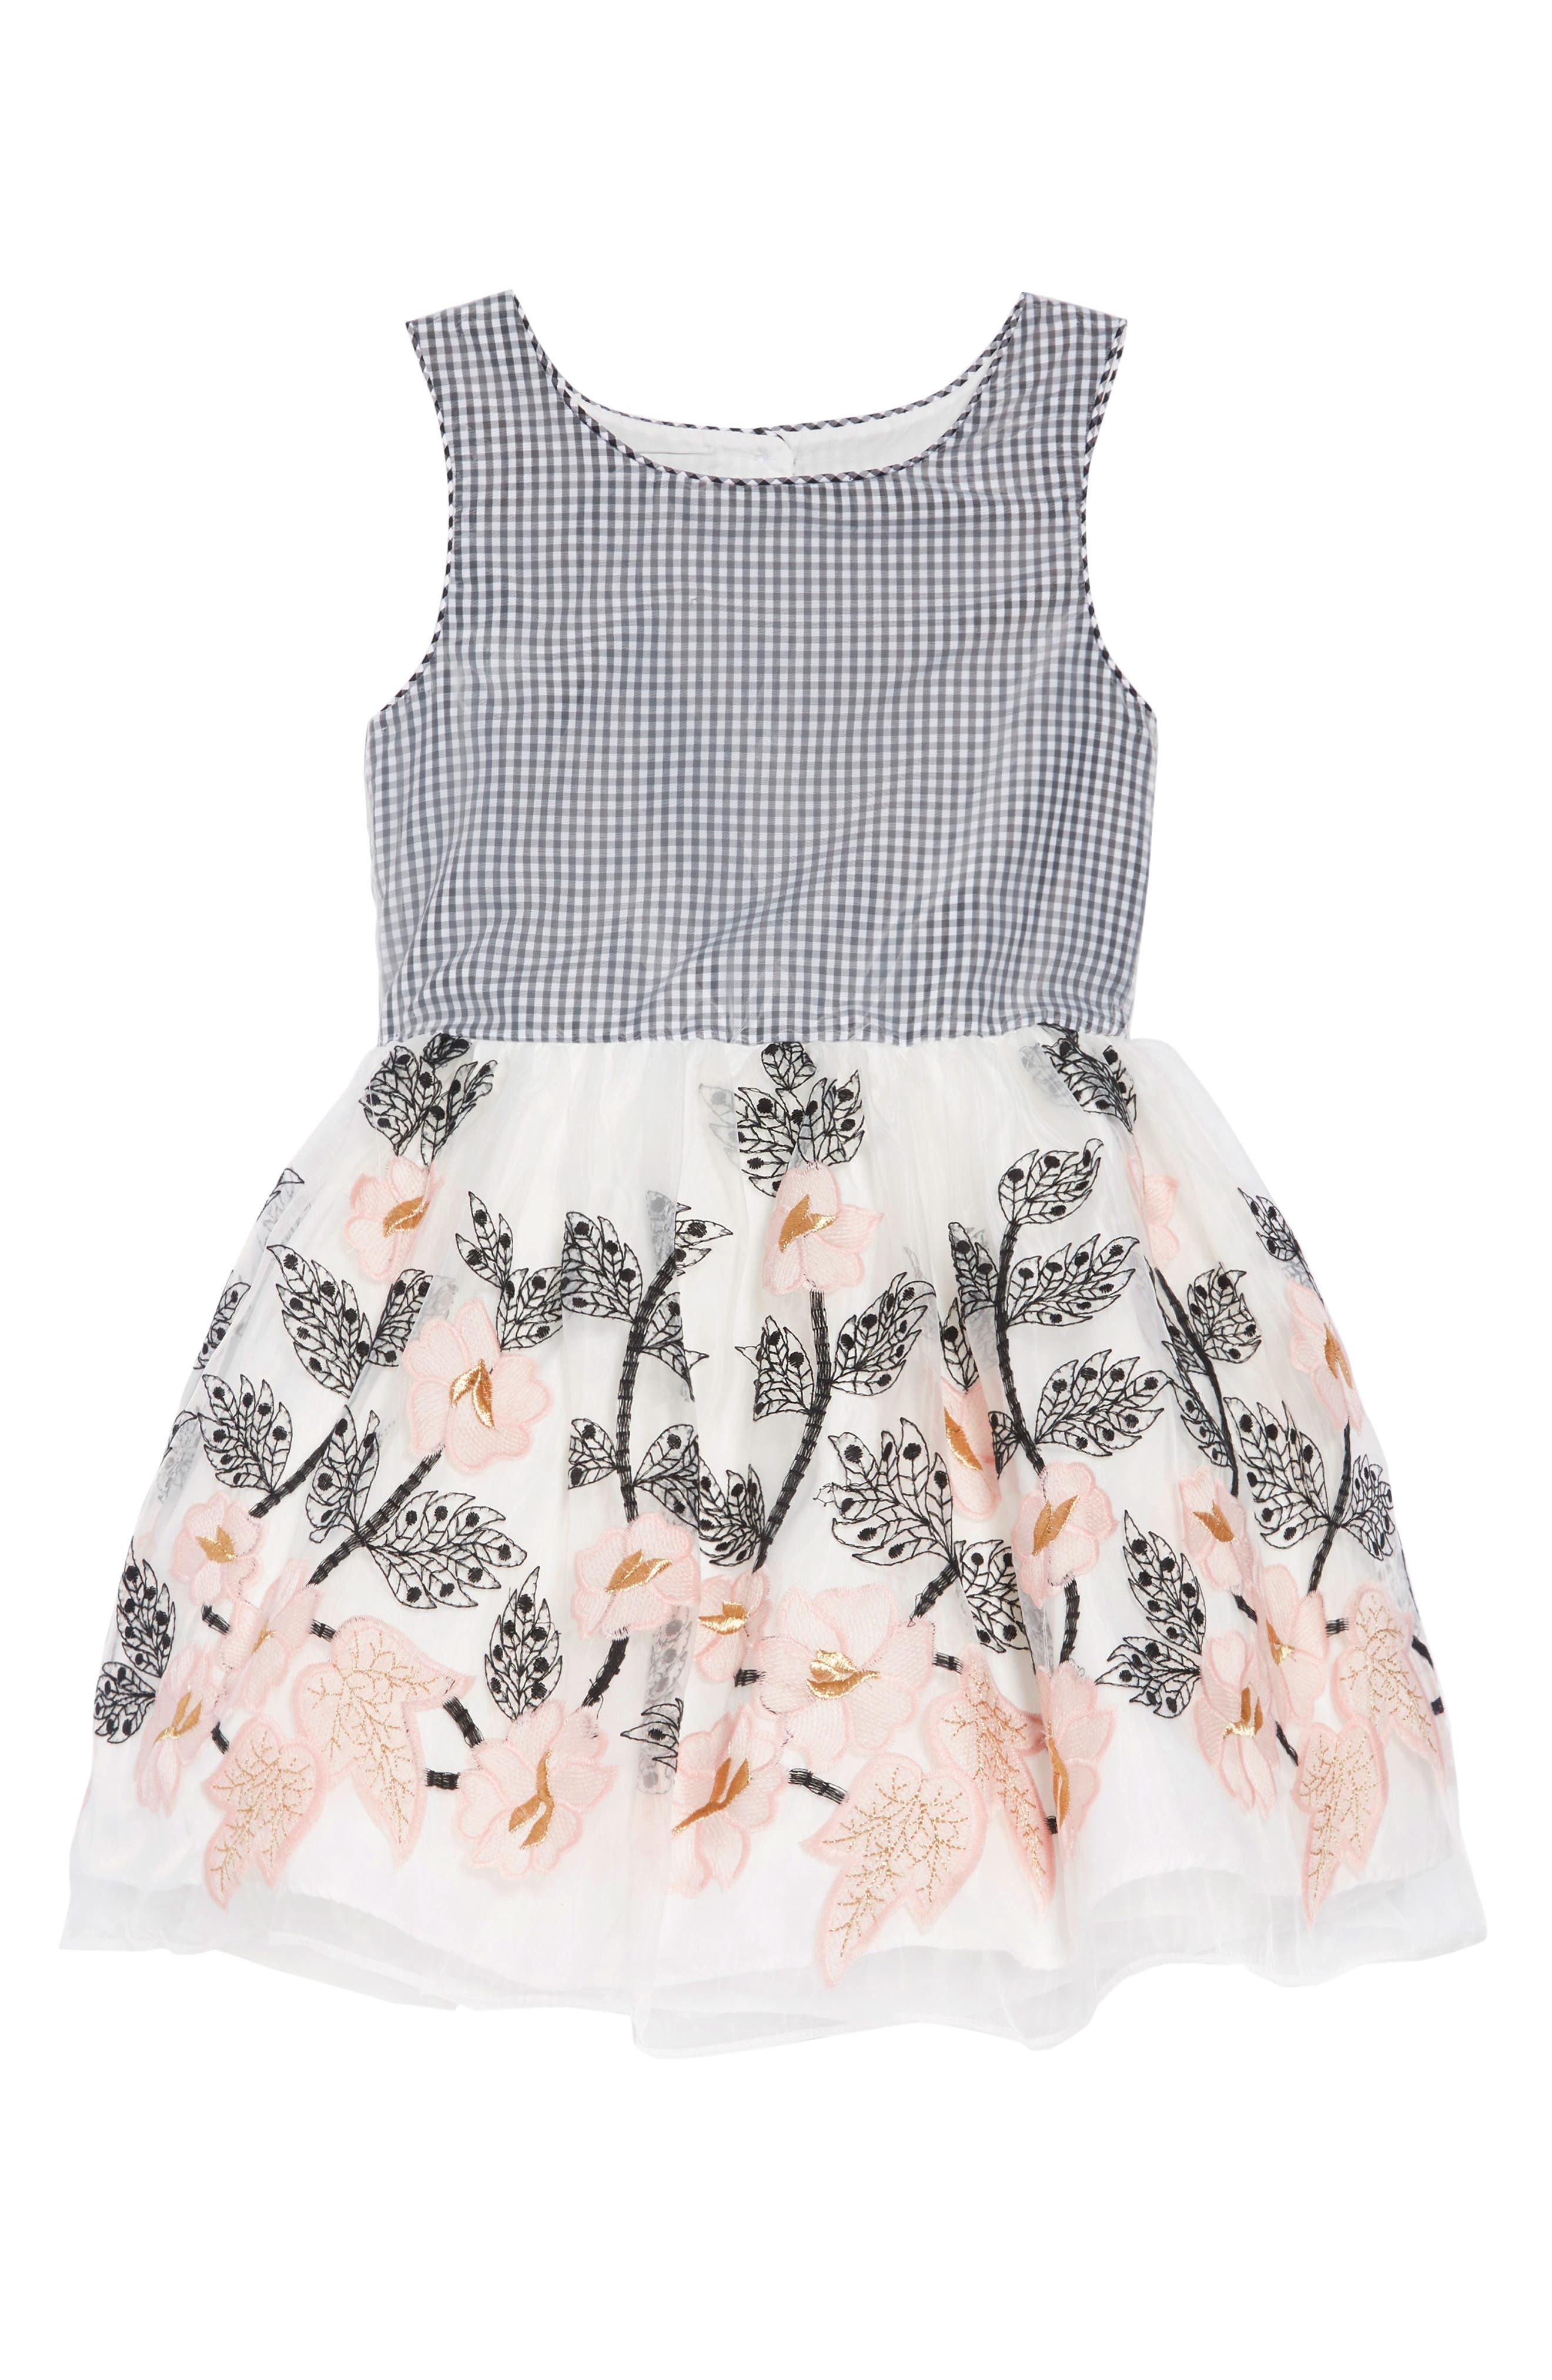 PIPPA & JULIE, Gingham & Floral Embellished Dress, Main thumbnail 1, color, BLACK/ WHITE